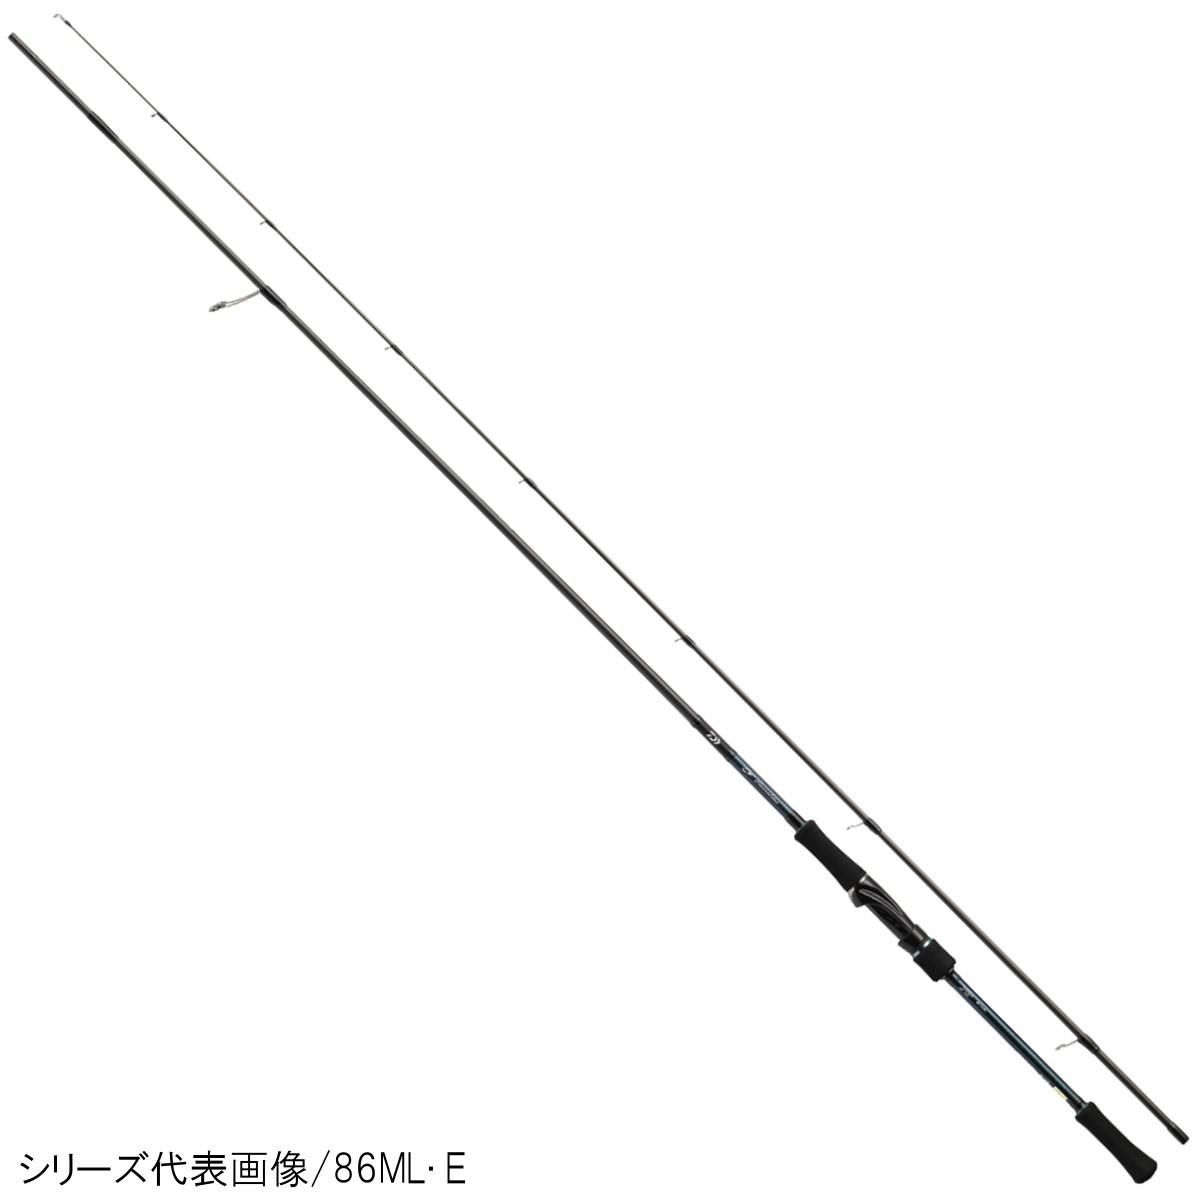 ダイワ エメラルダス MX(アウトガイドモデル) 89M・E